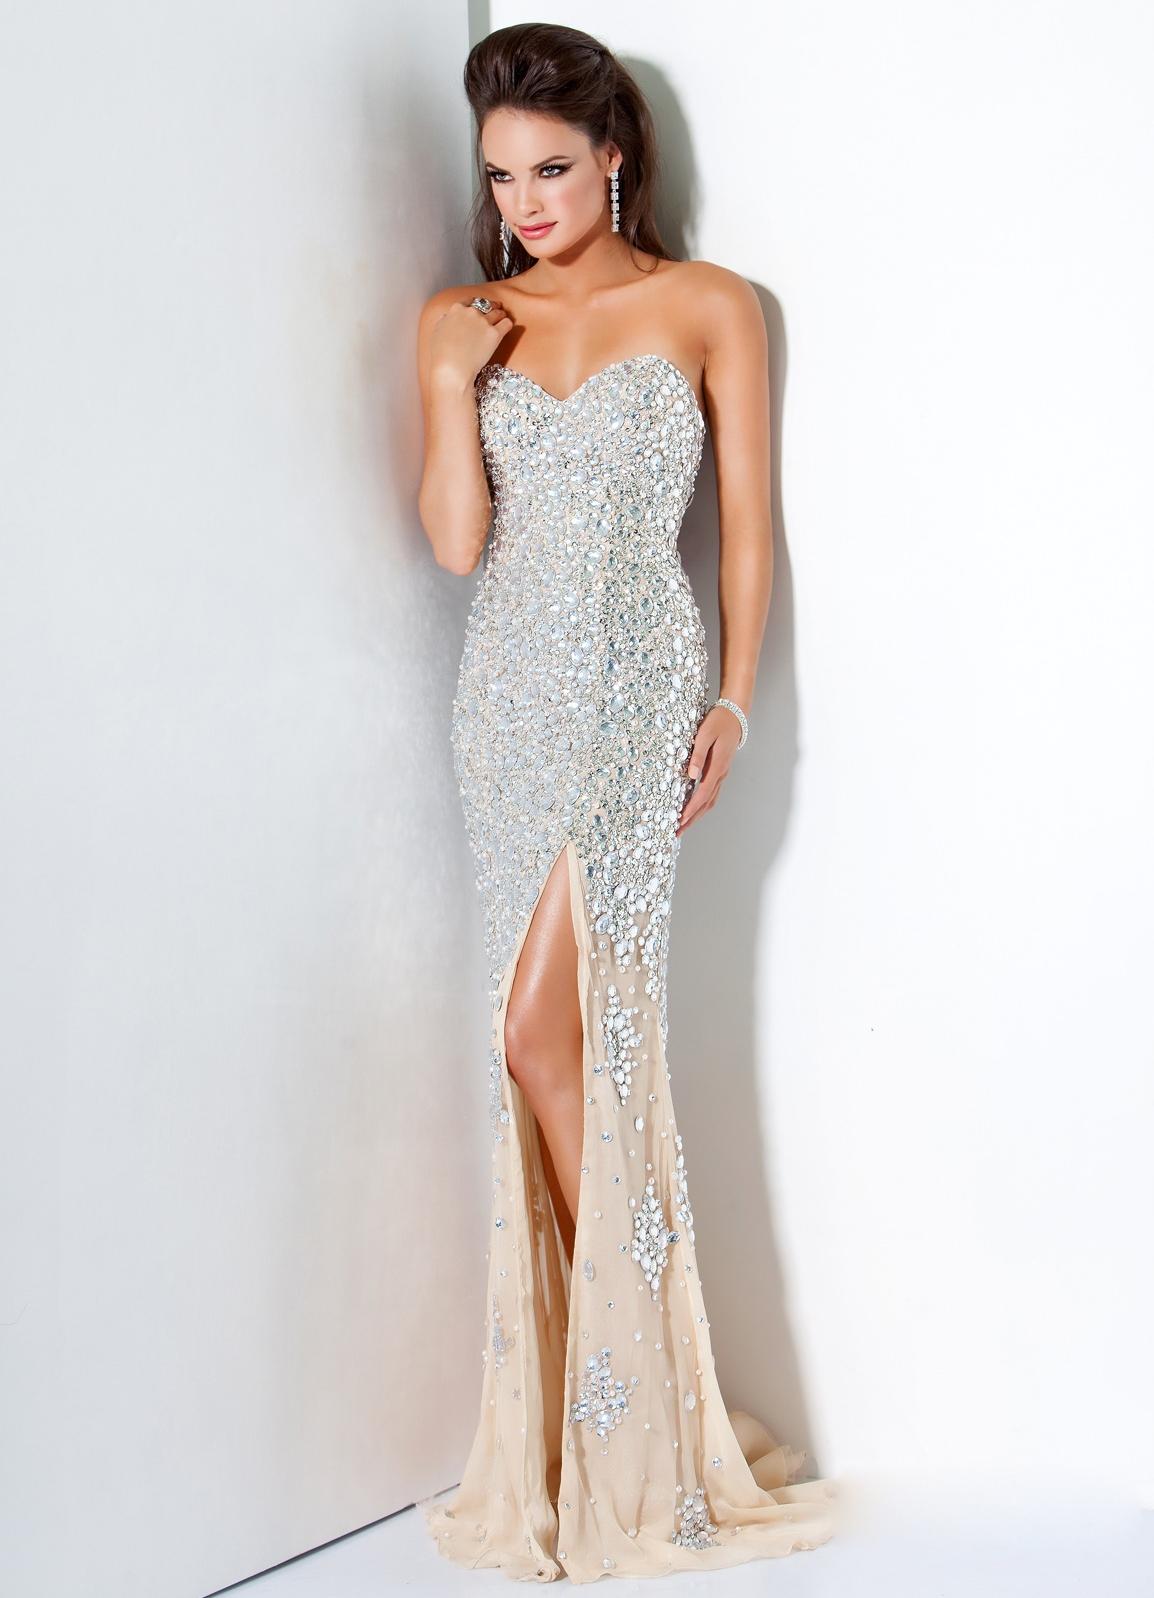 Асимметричные платья на выпускной 2015. Любительницам длинных моделей стилисты советуют в 2015 году сохранять привлекательность и сексуальность в образе